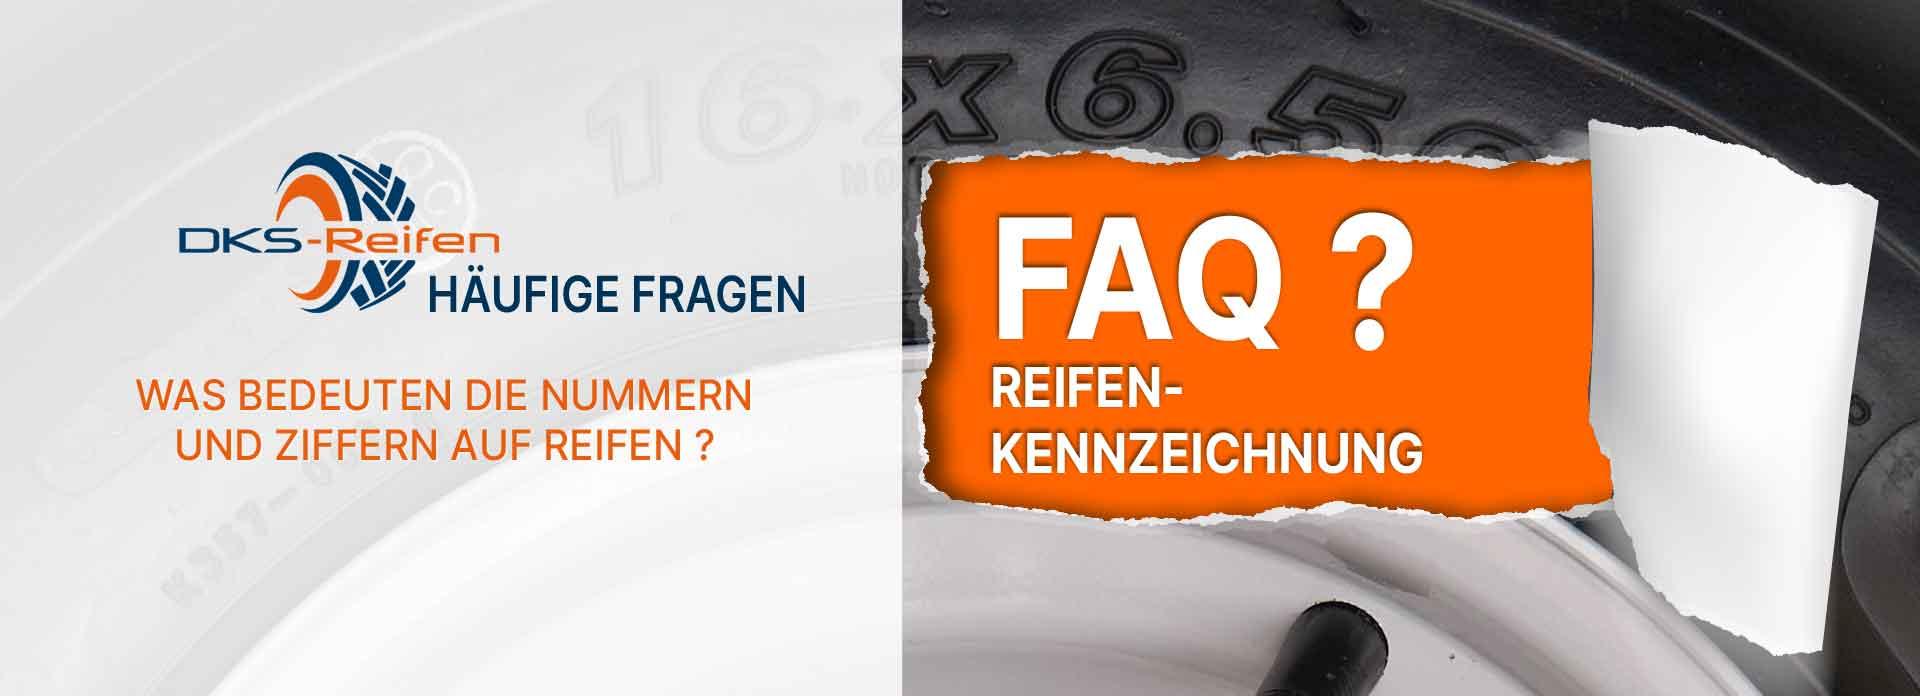 FAQ Reifenkennzeichnung: Was bedeuten die Ziffern und Nummern auf Reifen?